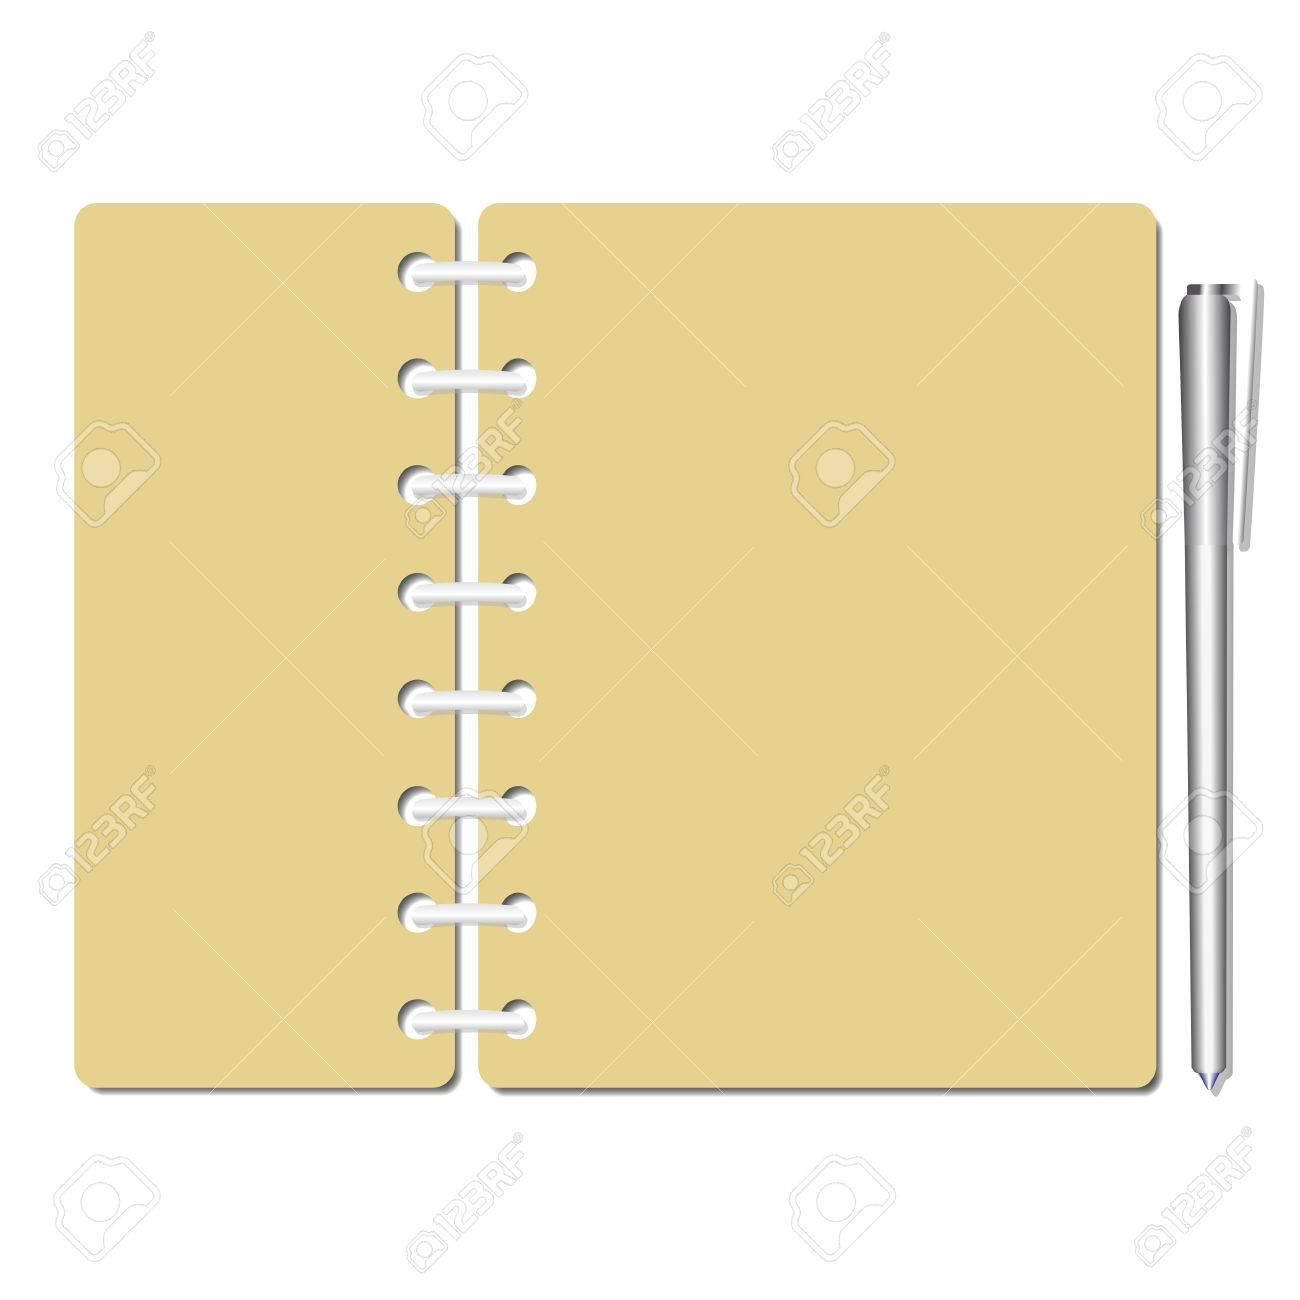 Flache Identität Leere Notebook Folien, Seiten. Checkliste, Memo ...